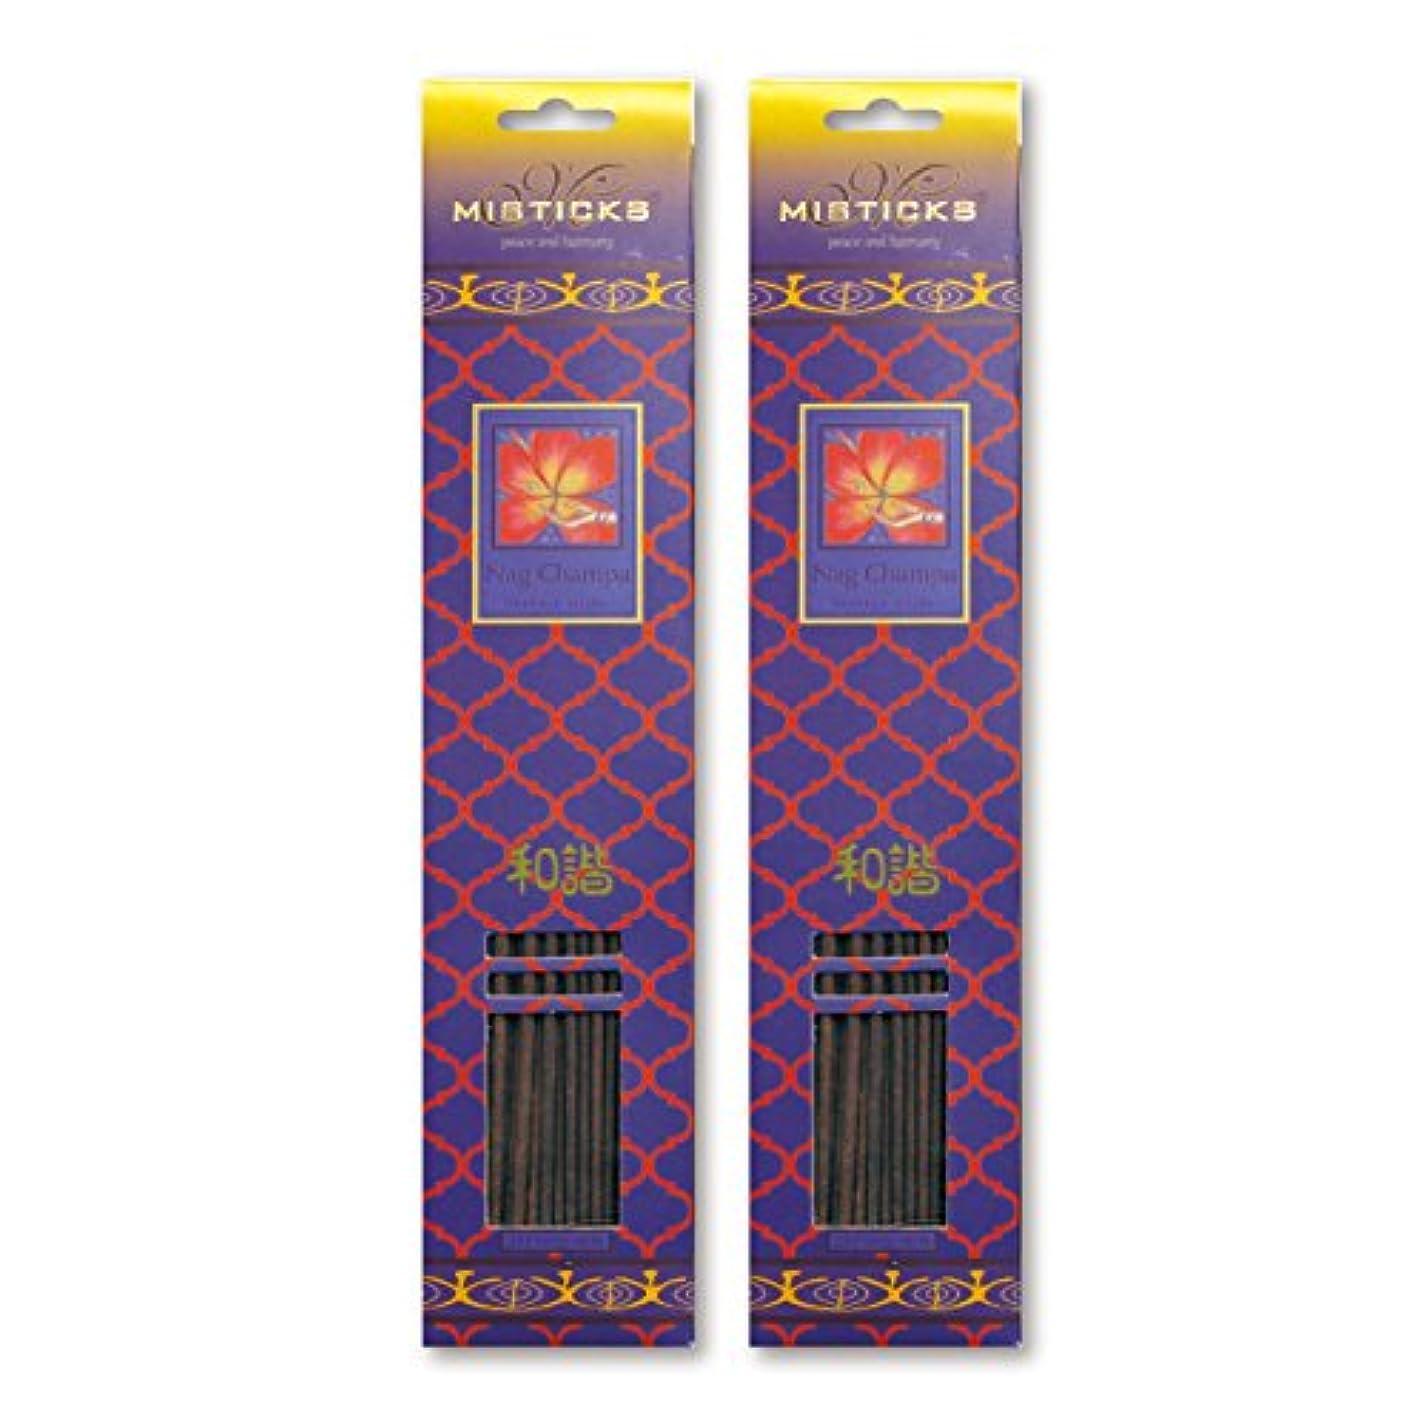 真実に海峡ひも表面Misticks ミスティックス Nag Champa ナグチャンパ お香 20本 X 2パック (40本)